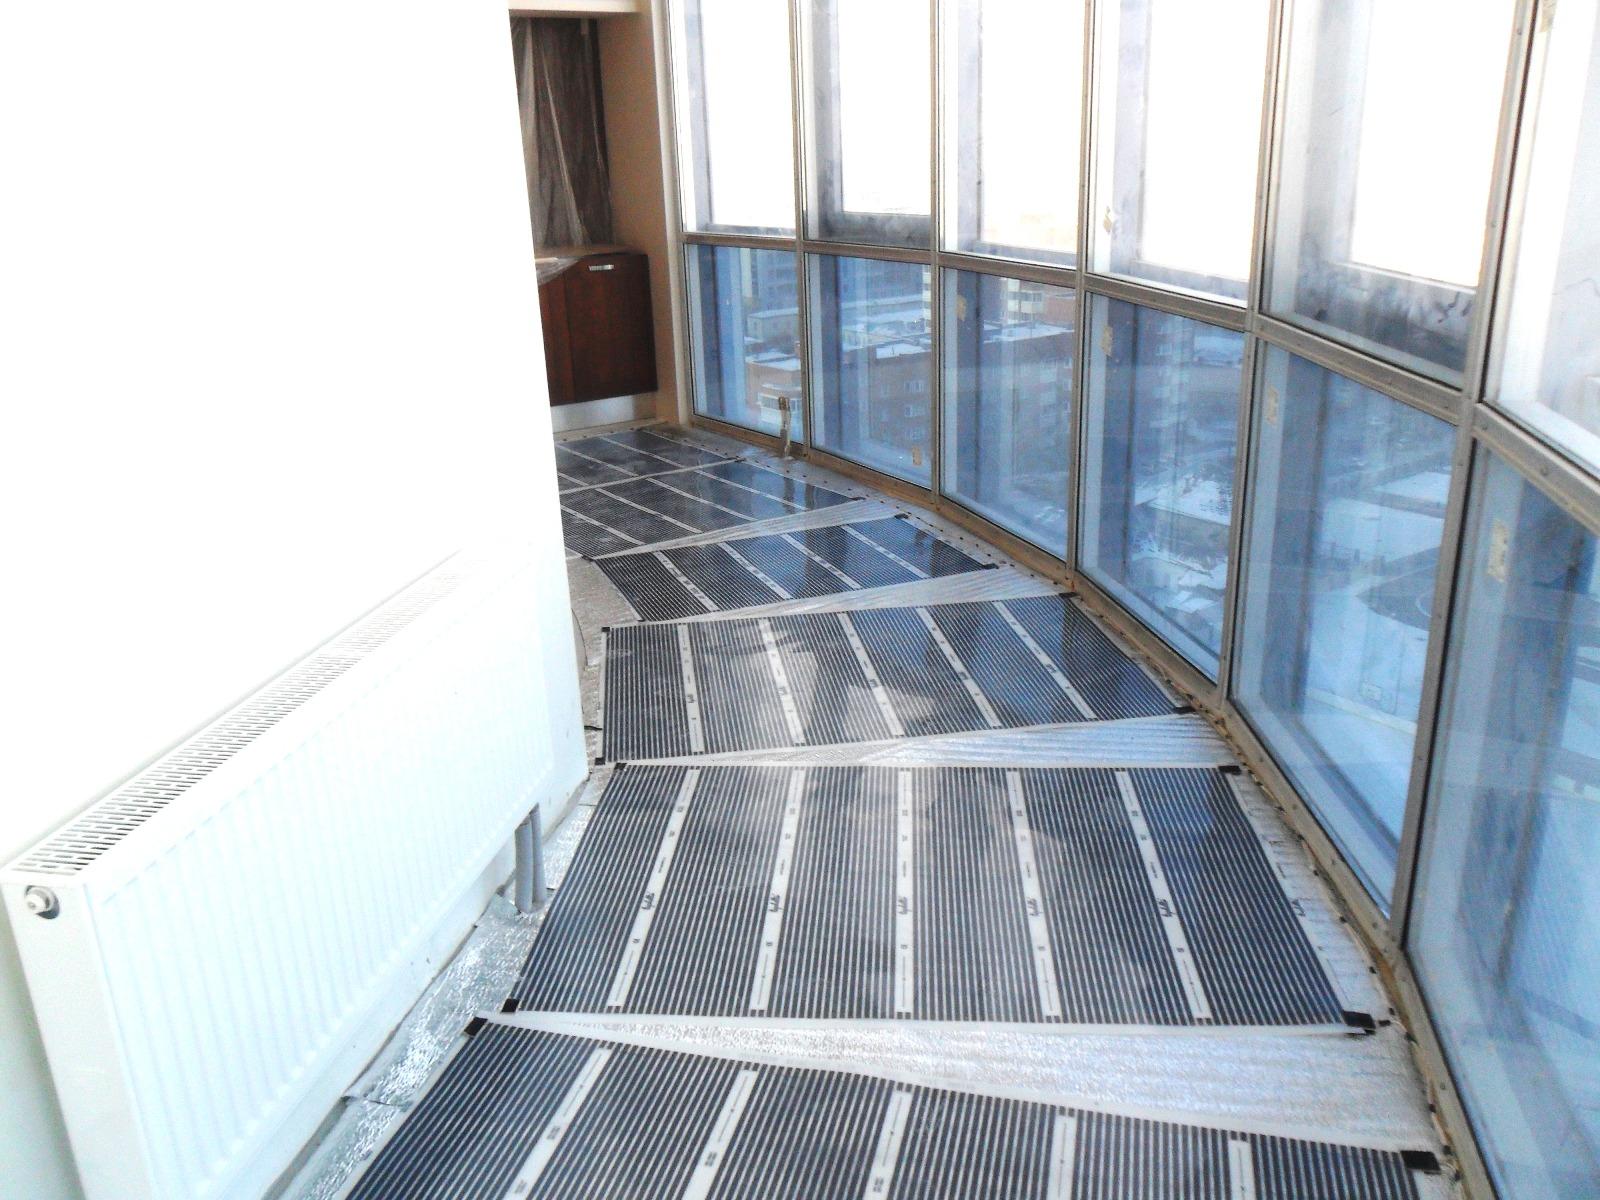 Водяной теплый пол на балконе своими руками: монтаж и укладка